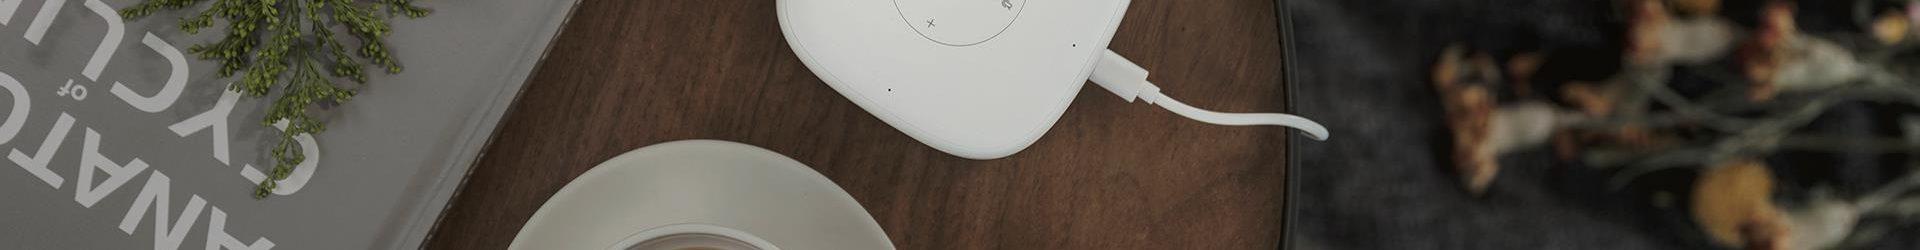 Xiaomi Mi AI Speaker Mini ufficiale: il nuovo speaker intelligente di Xiaomi